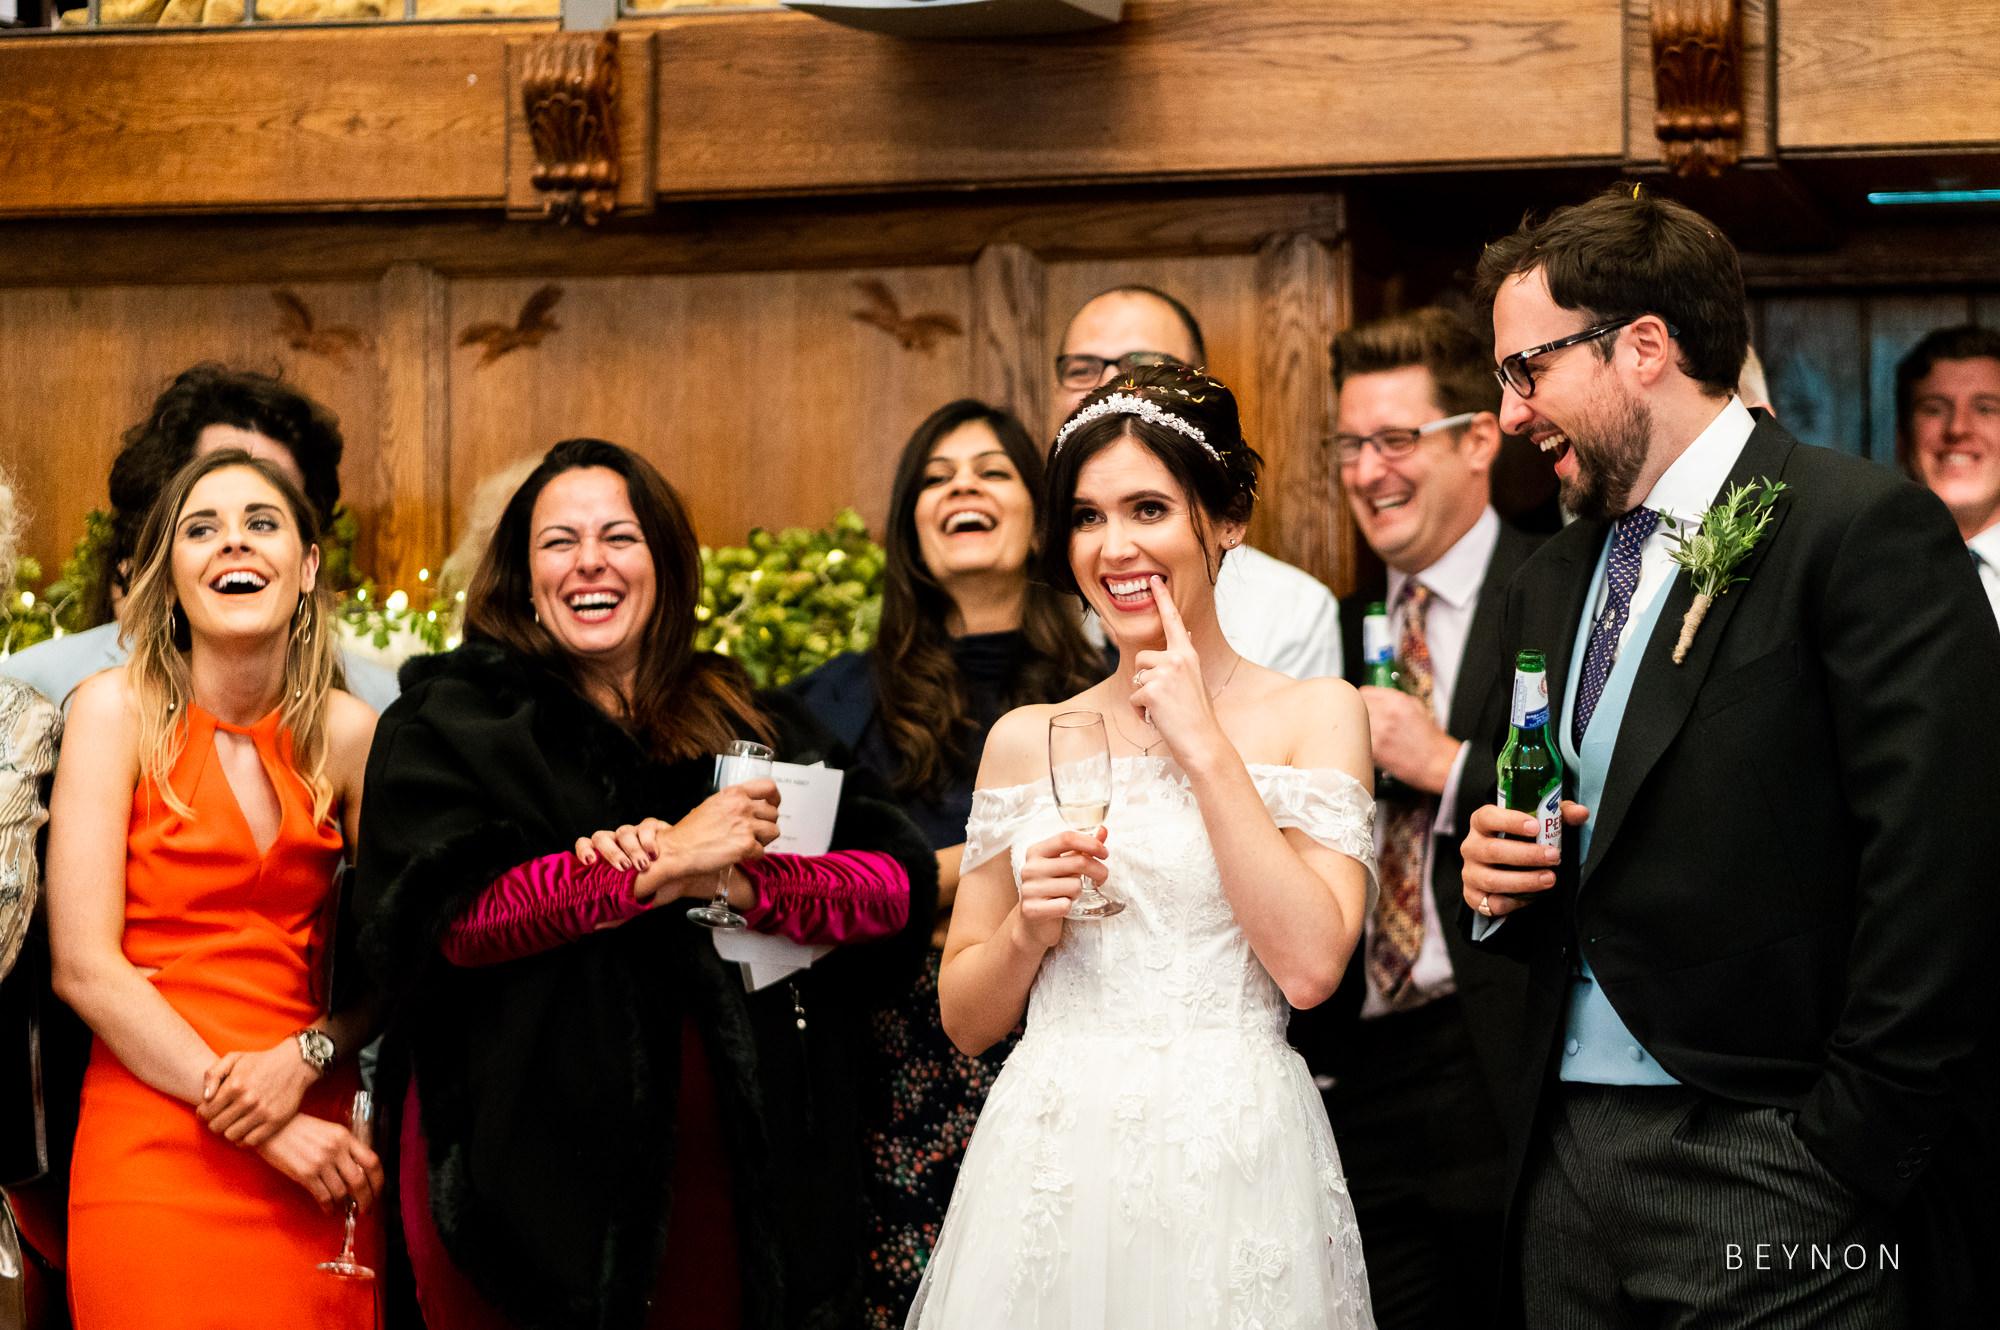 Bride laughs at joke